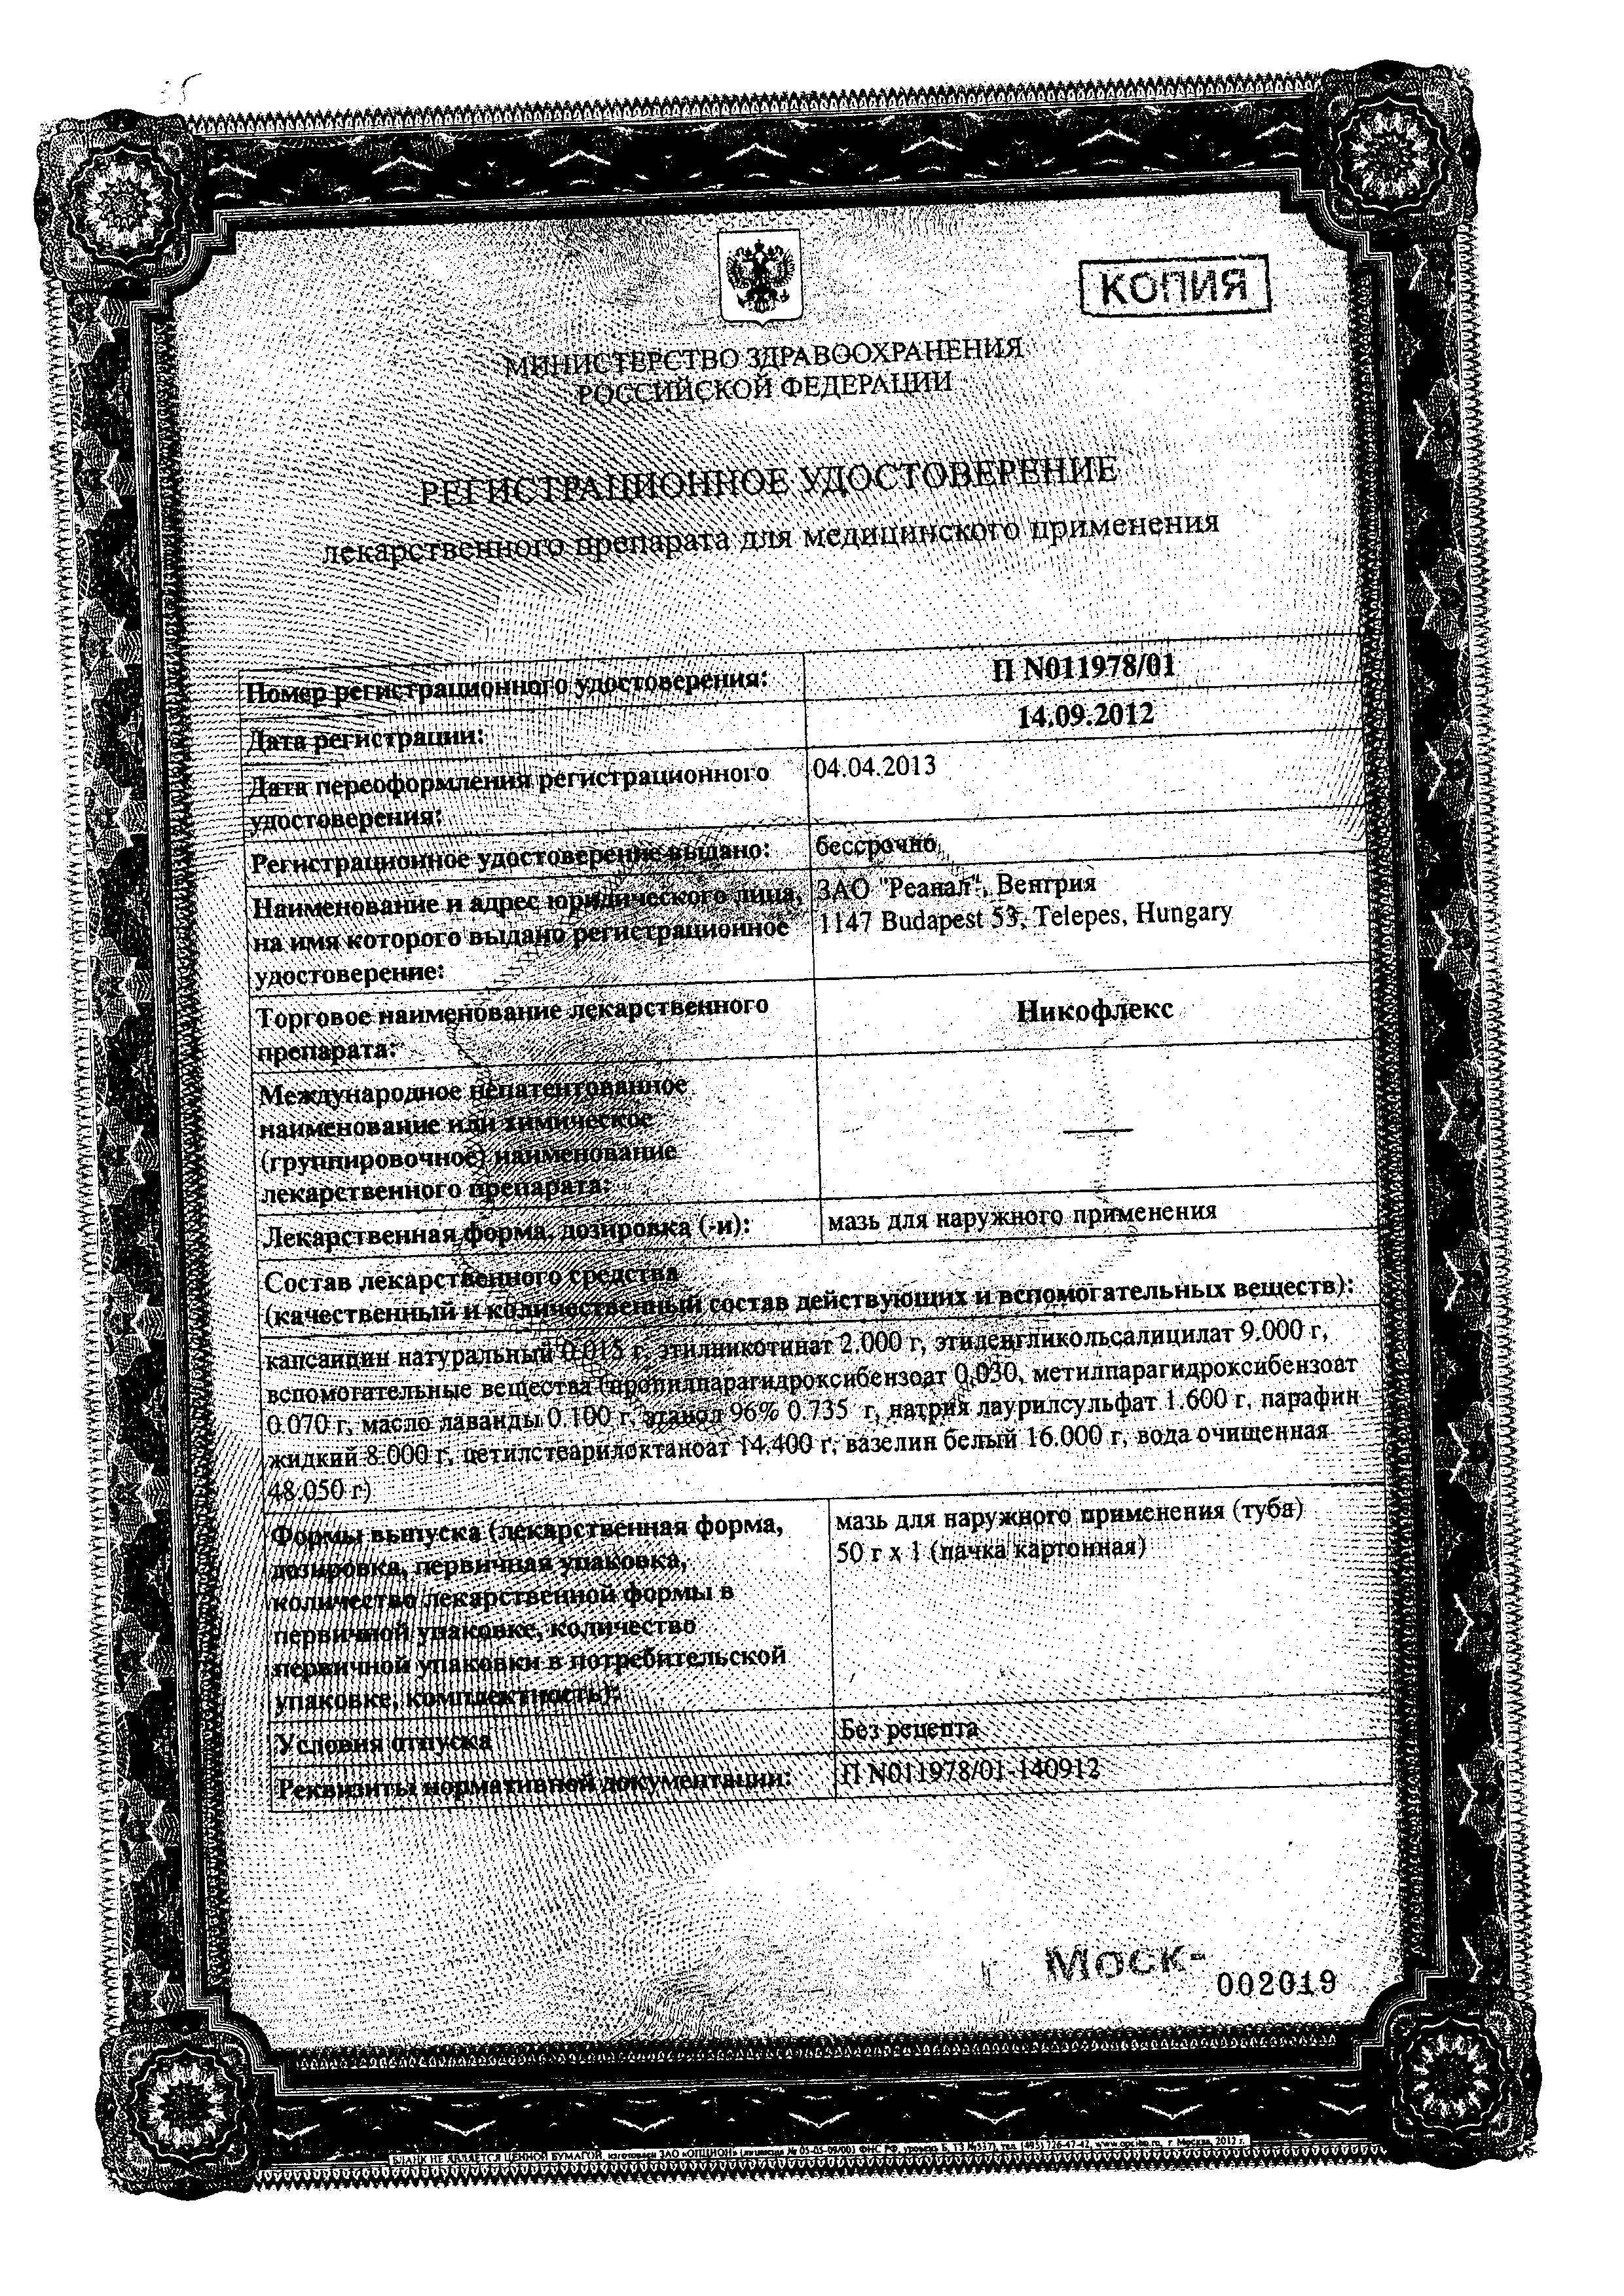 Никофлекс сертификат